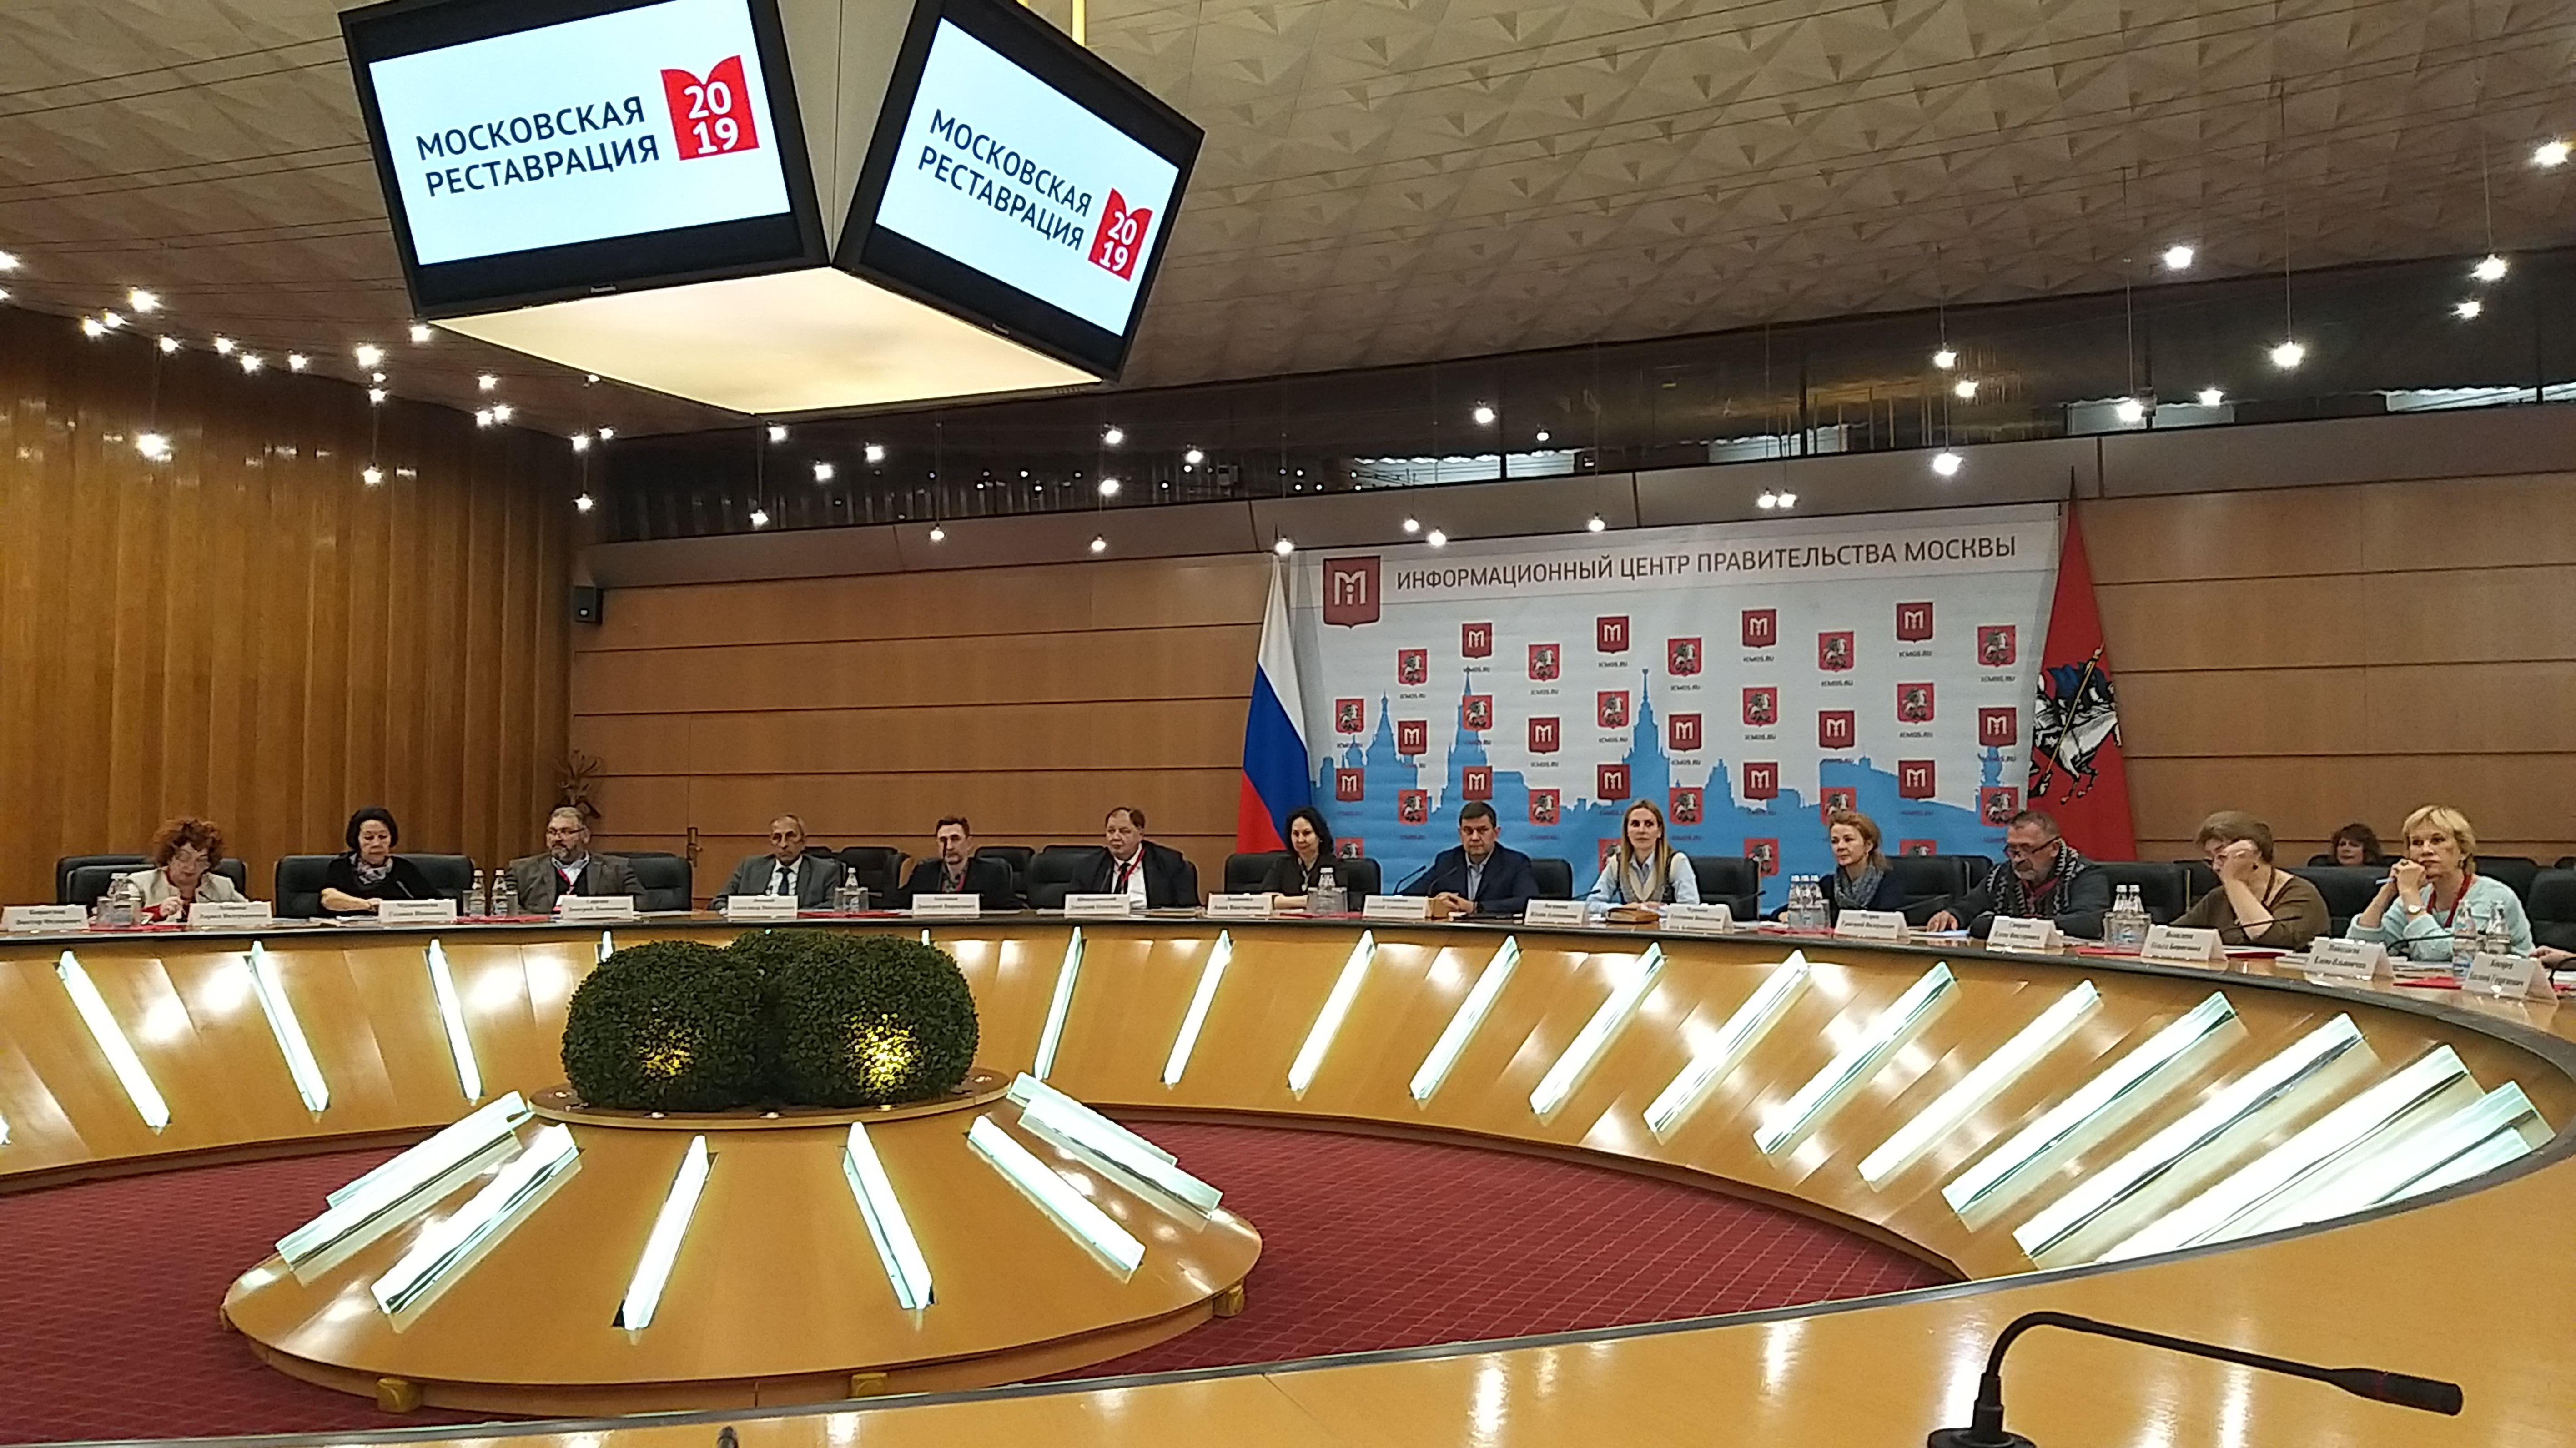 Встречу провели участники жюри конкурса «Московская реставрация — 2019»